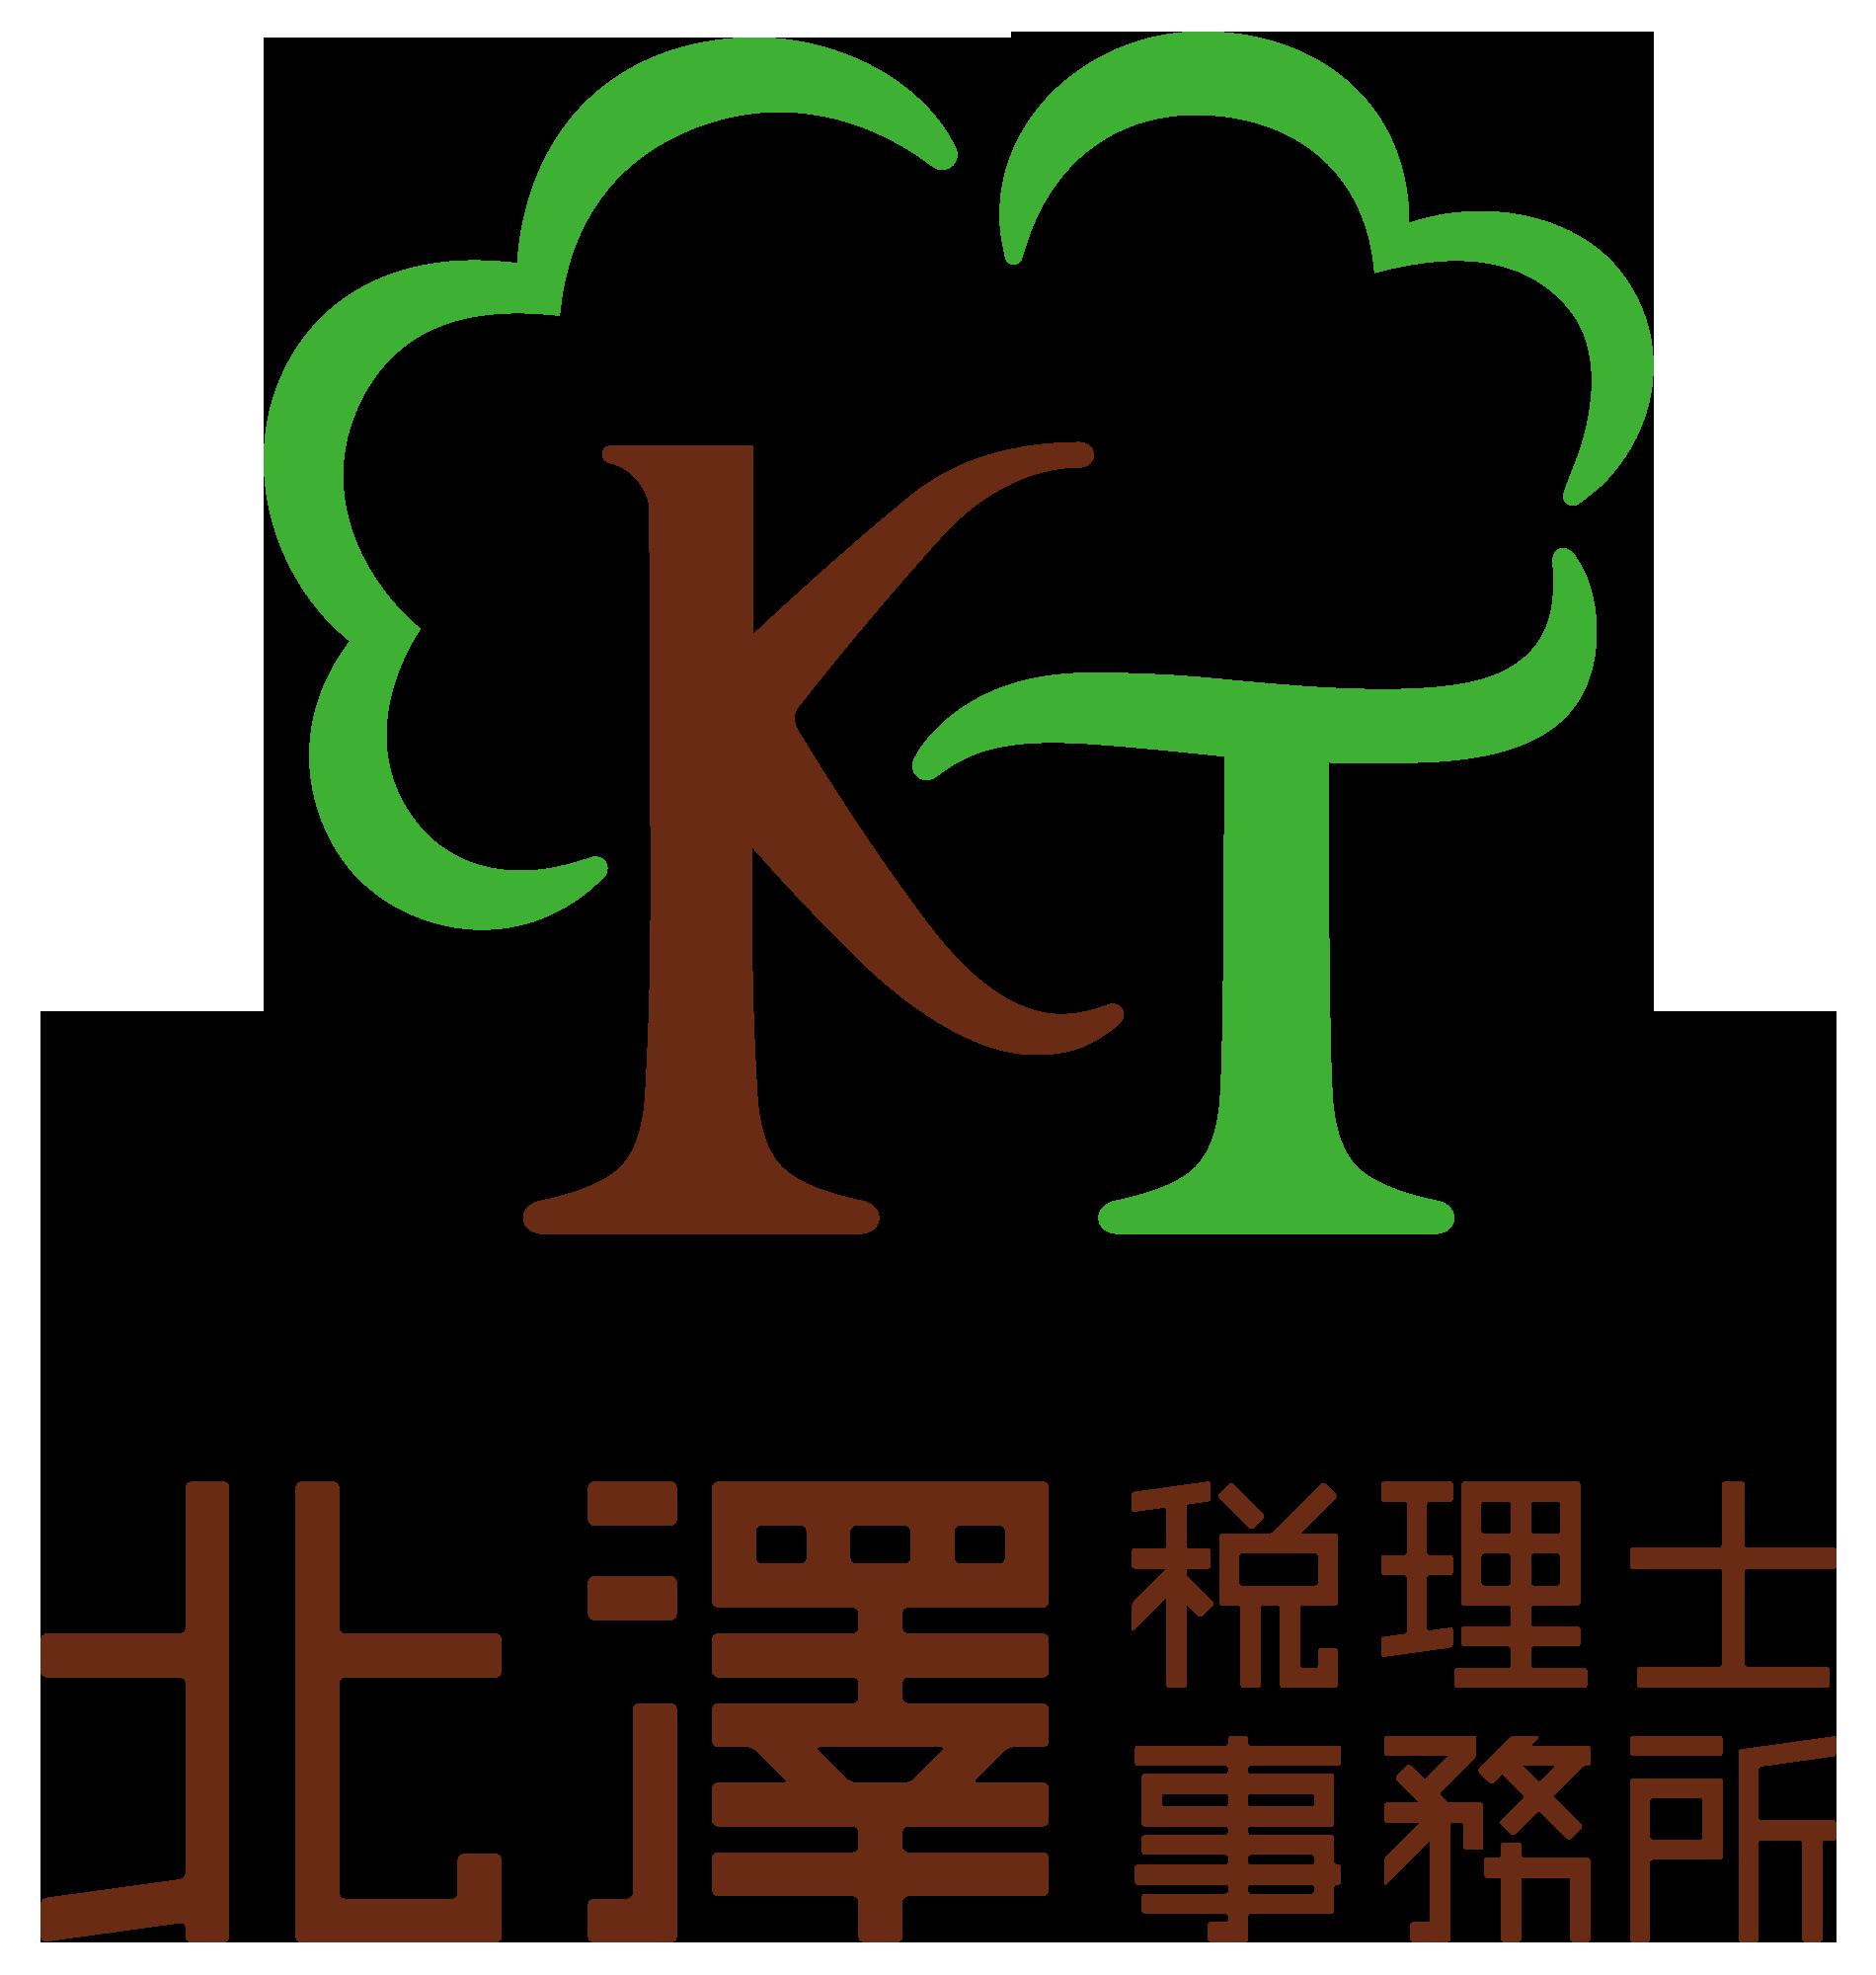 士業全般と親しみ/優しいと緑のロゴ